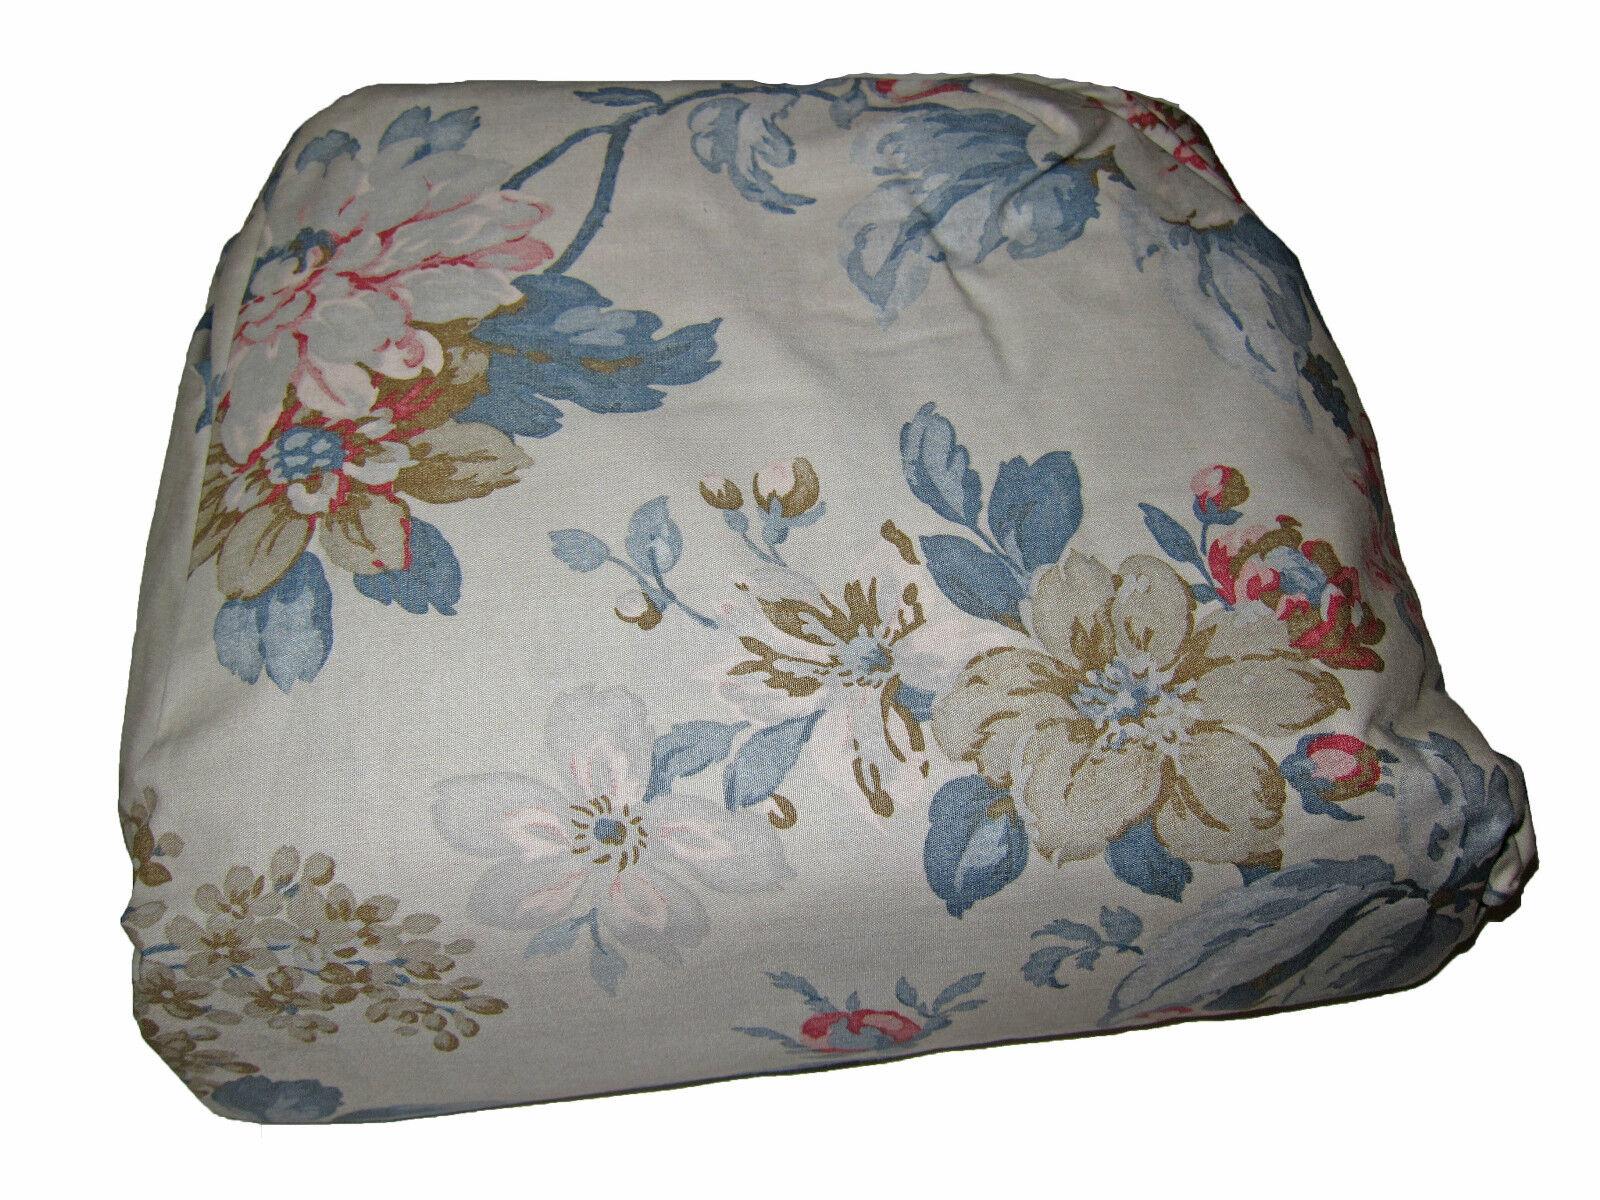 Ralph Lauren Polo Lake House Floral King Bedskirt Bed Skirt